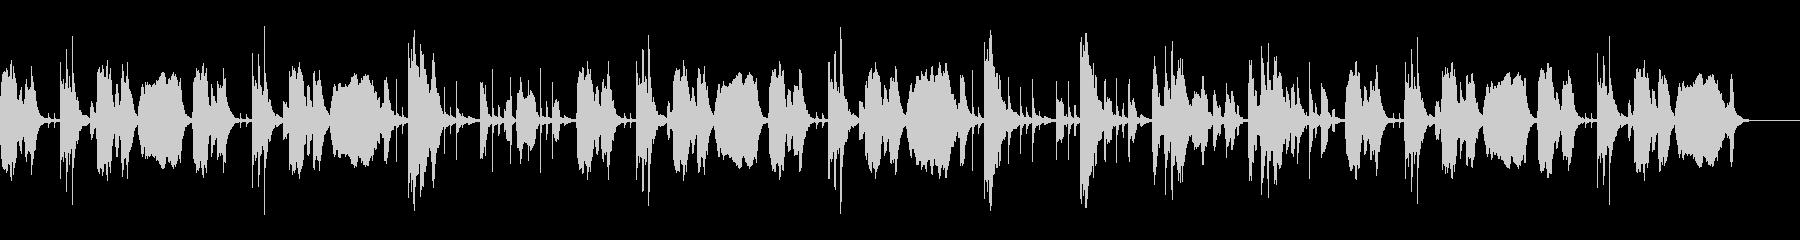 おとぼけトークBGM。の未再生の波形